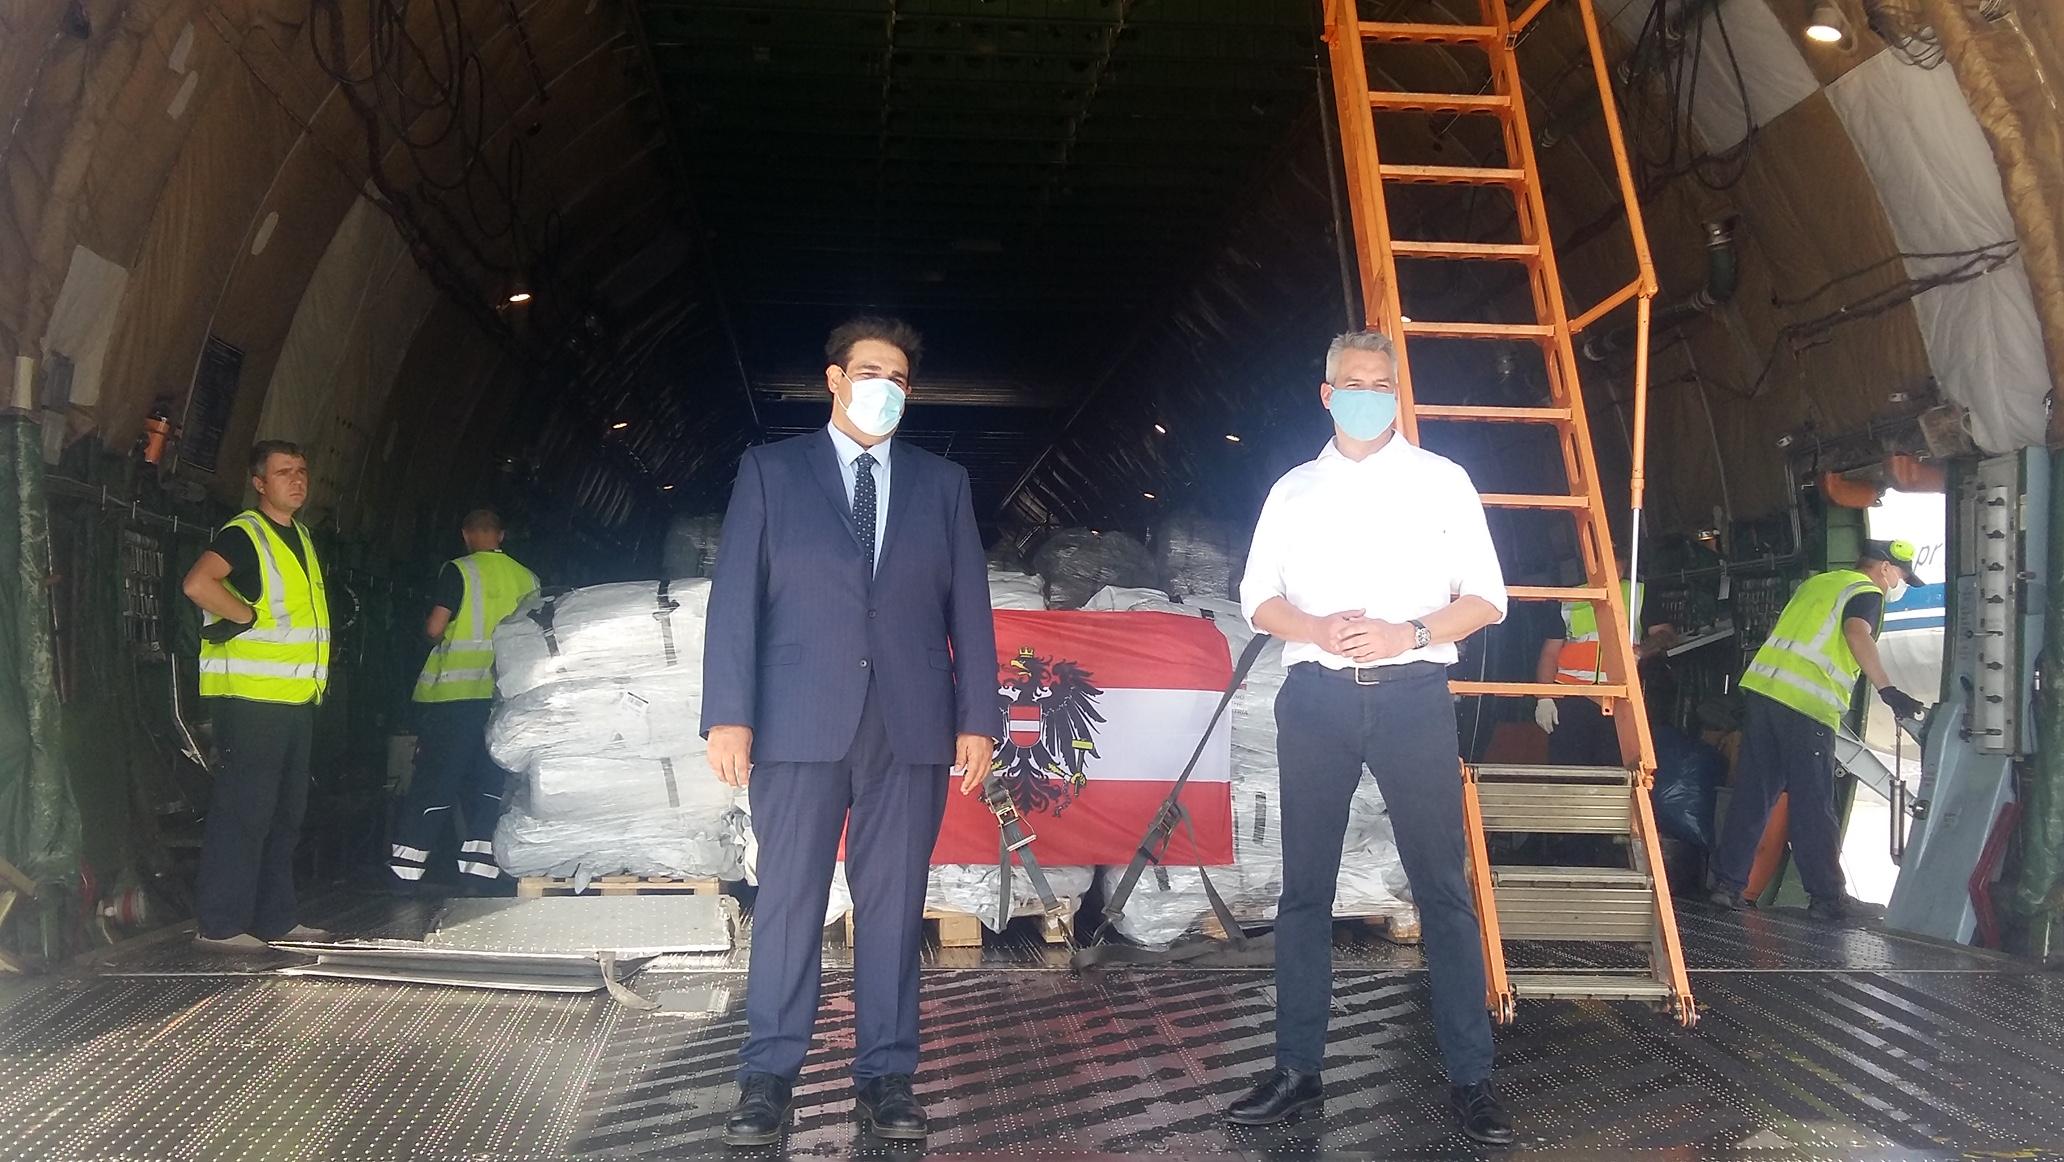 Ανθρωπιστική βοήθεια 55 τόνων παρέλαβε από την Αυστρία ο Θ. Λιβάνιος